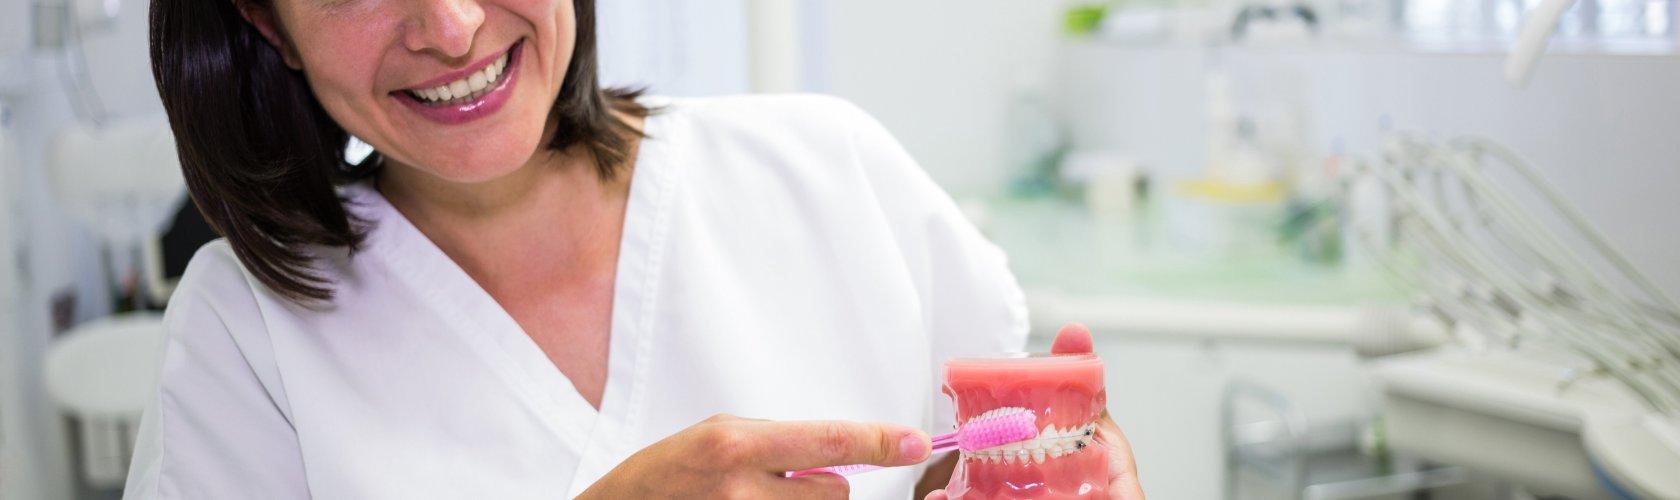 Stomatolog pokazuje kako četkati zube